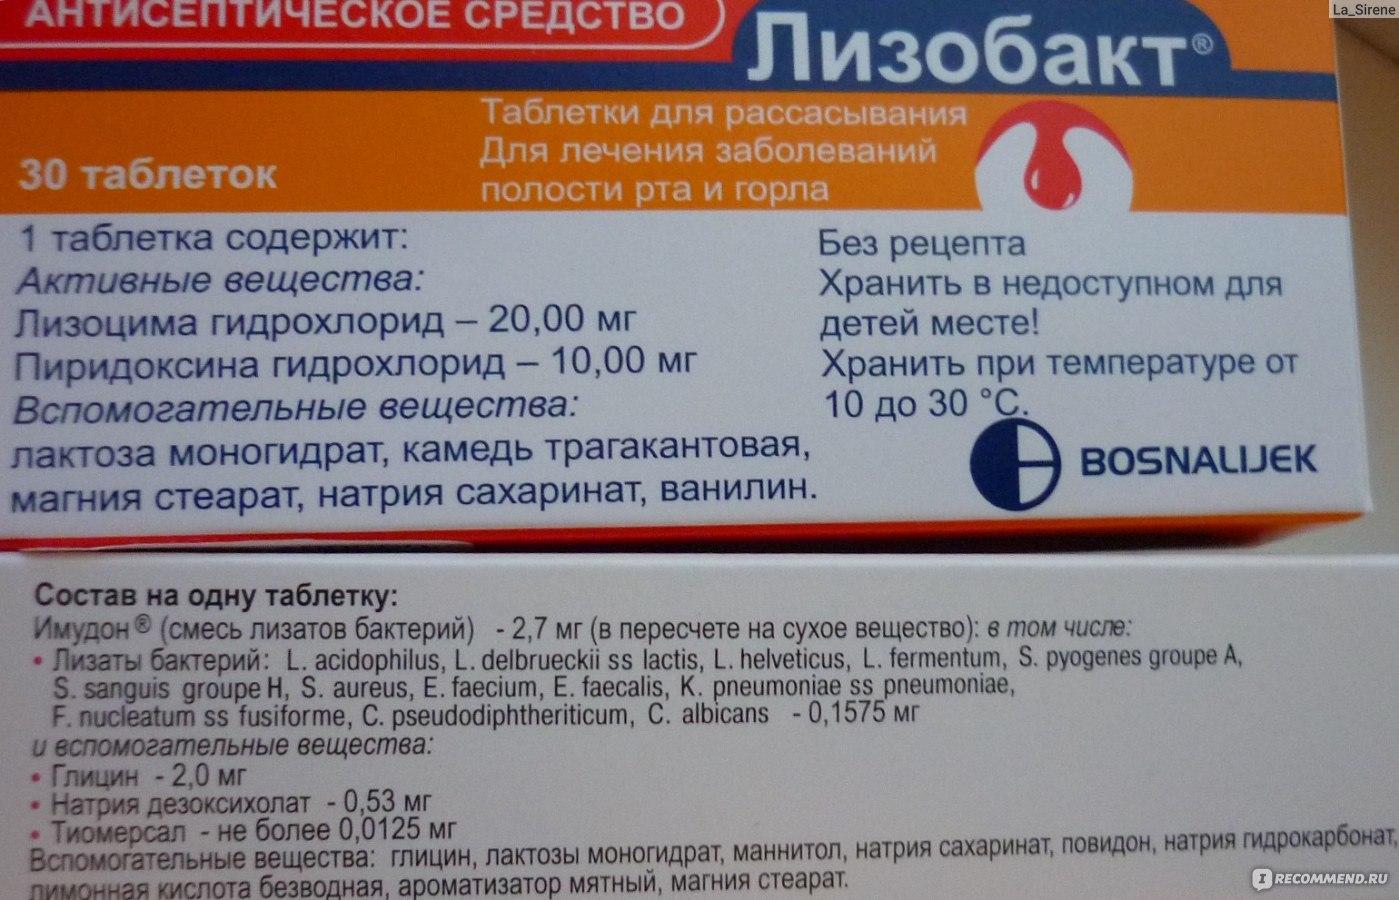 Инструкция к таблеткам лизобакт